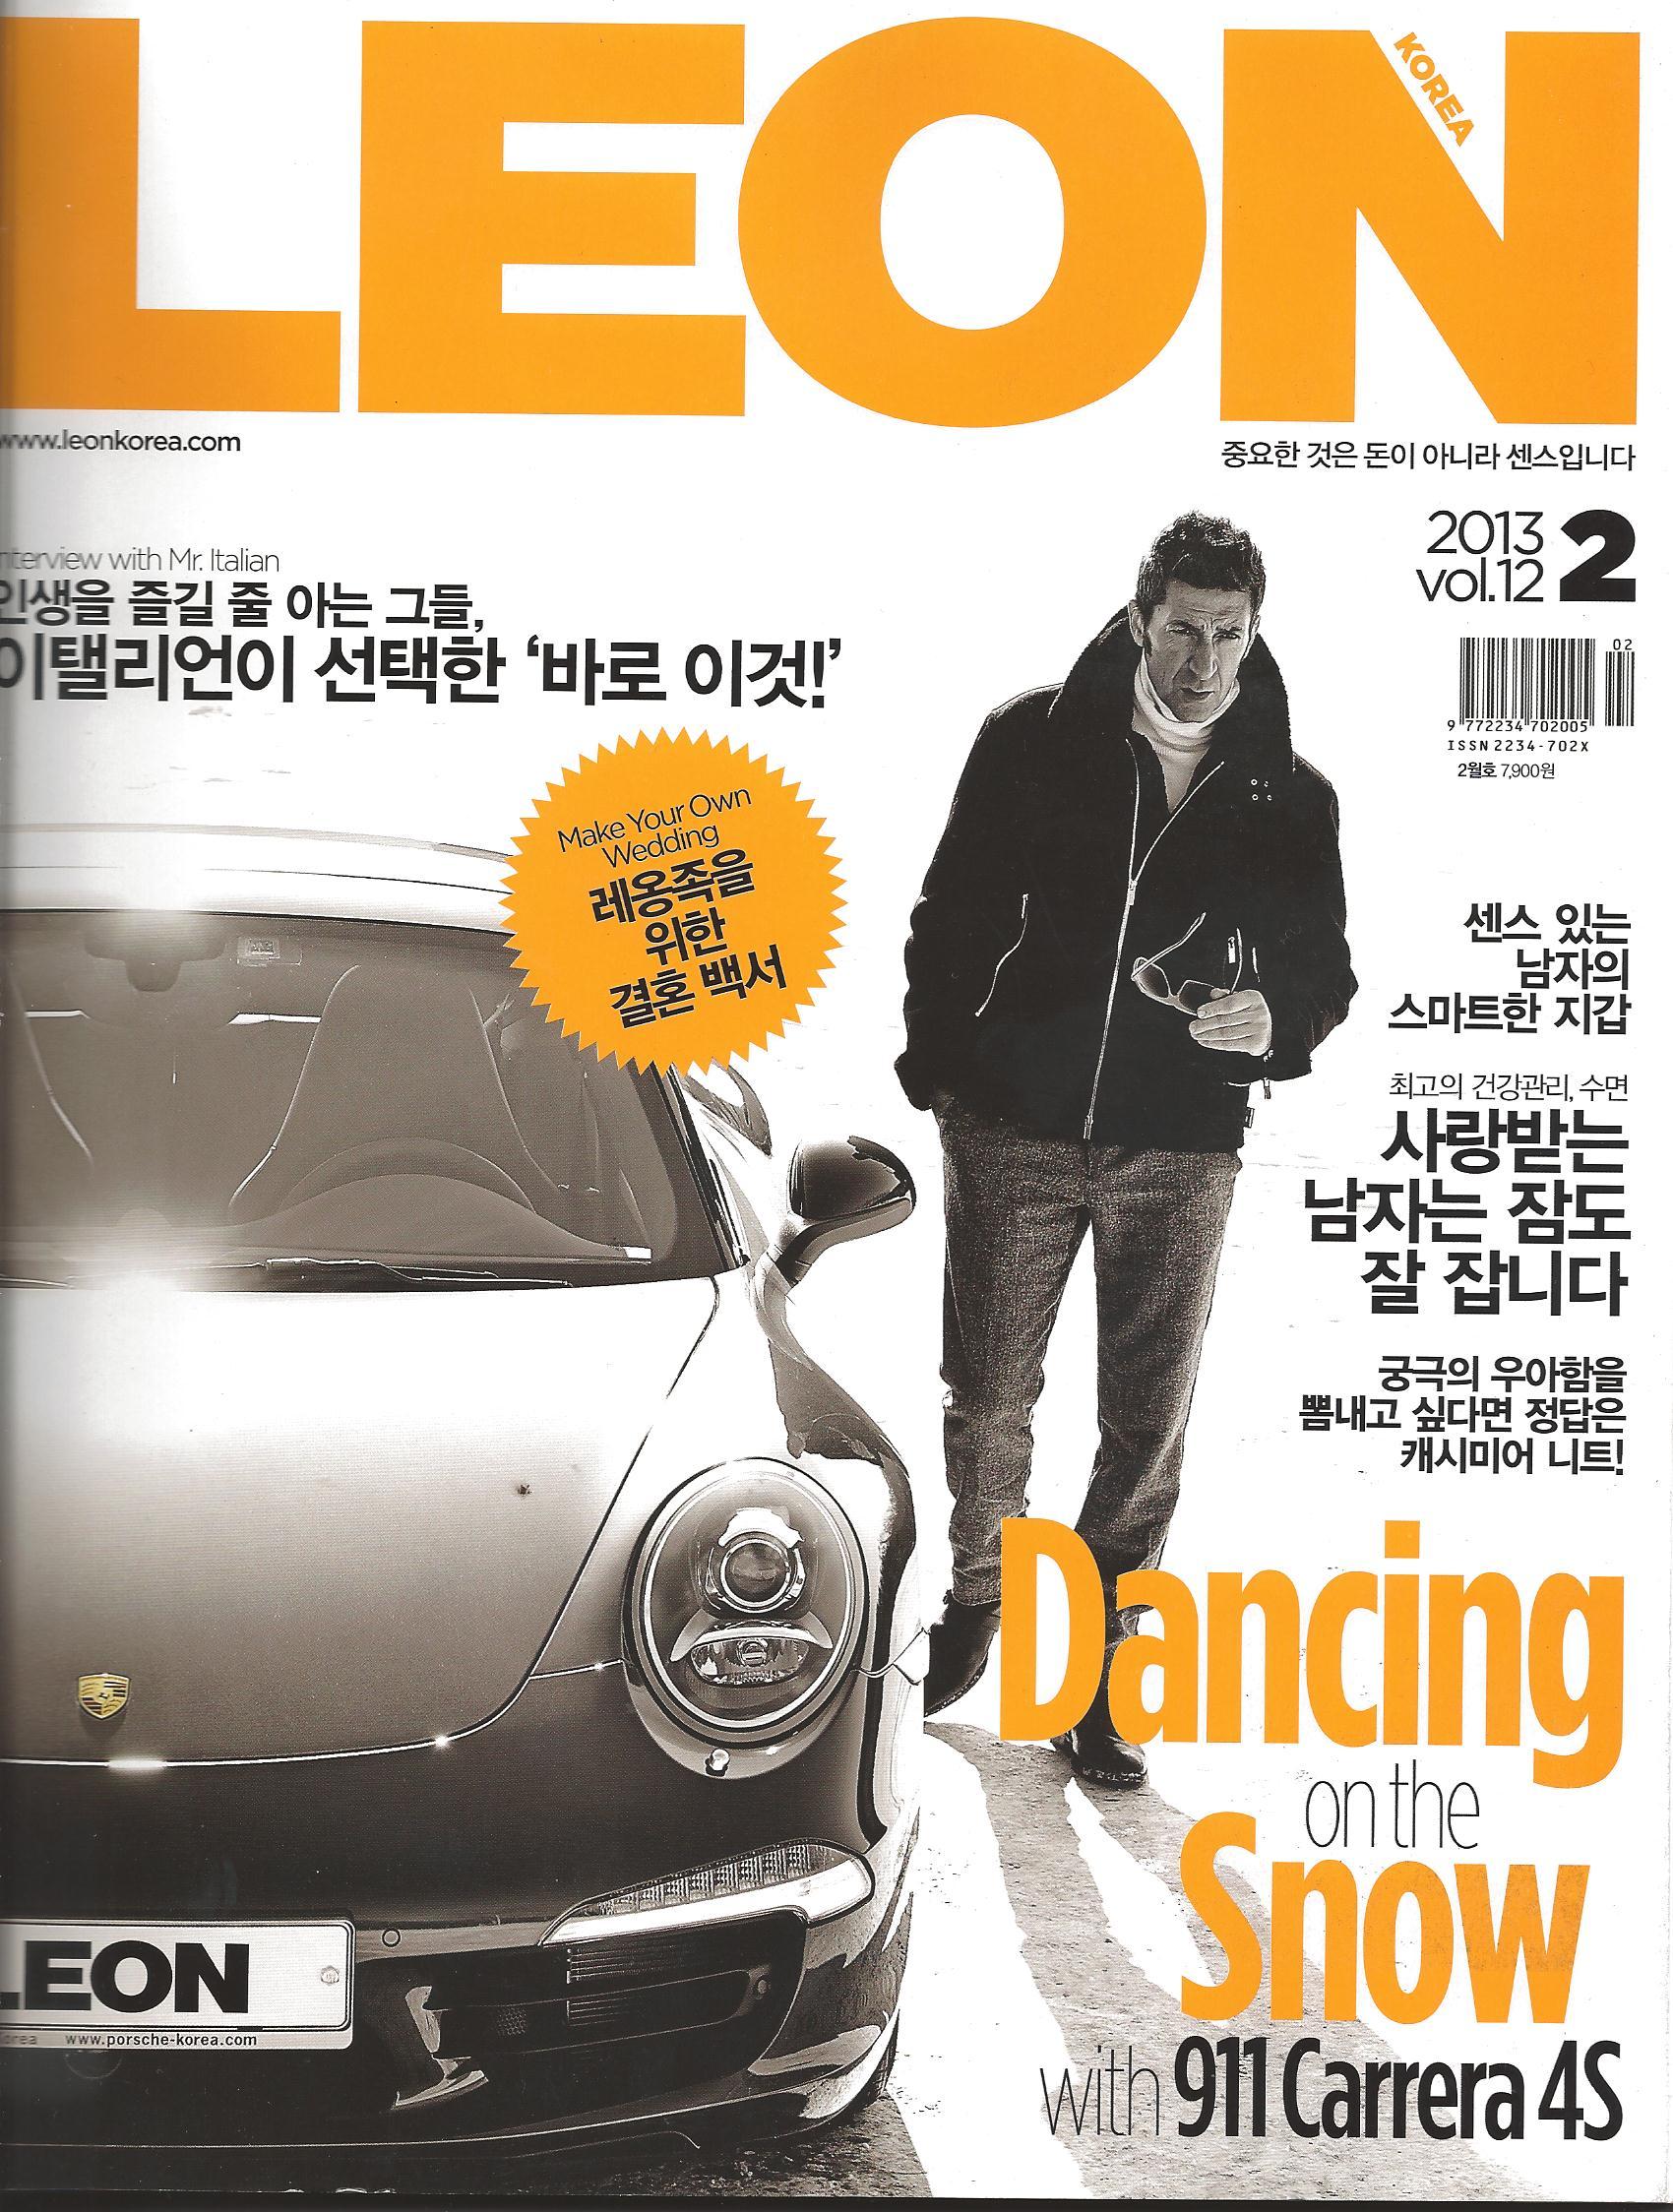 2013-2 Leon cover.jpg